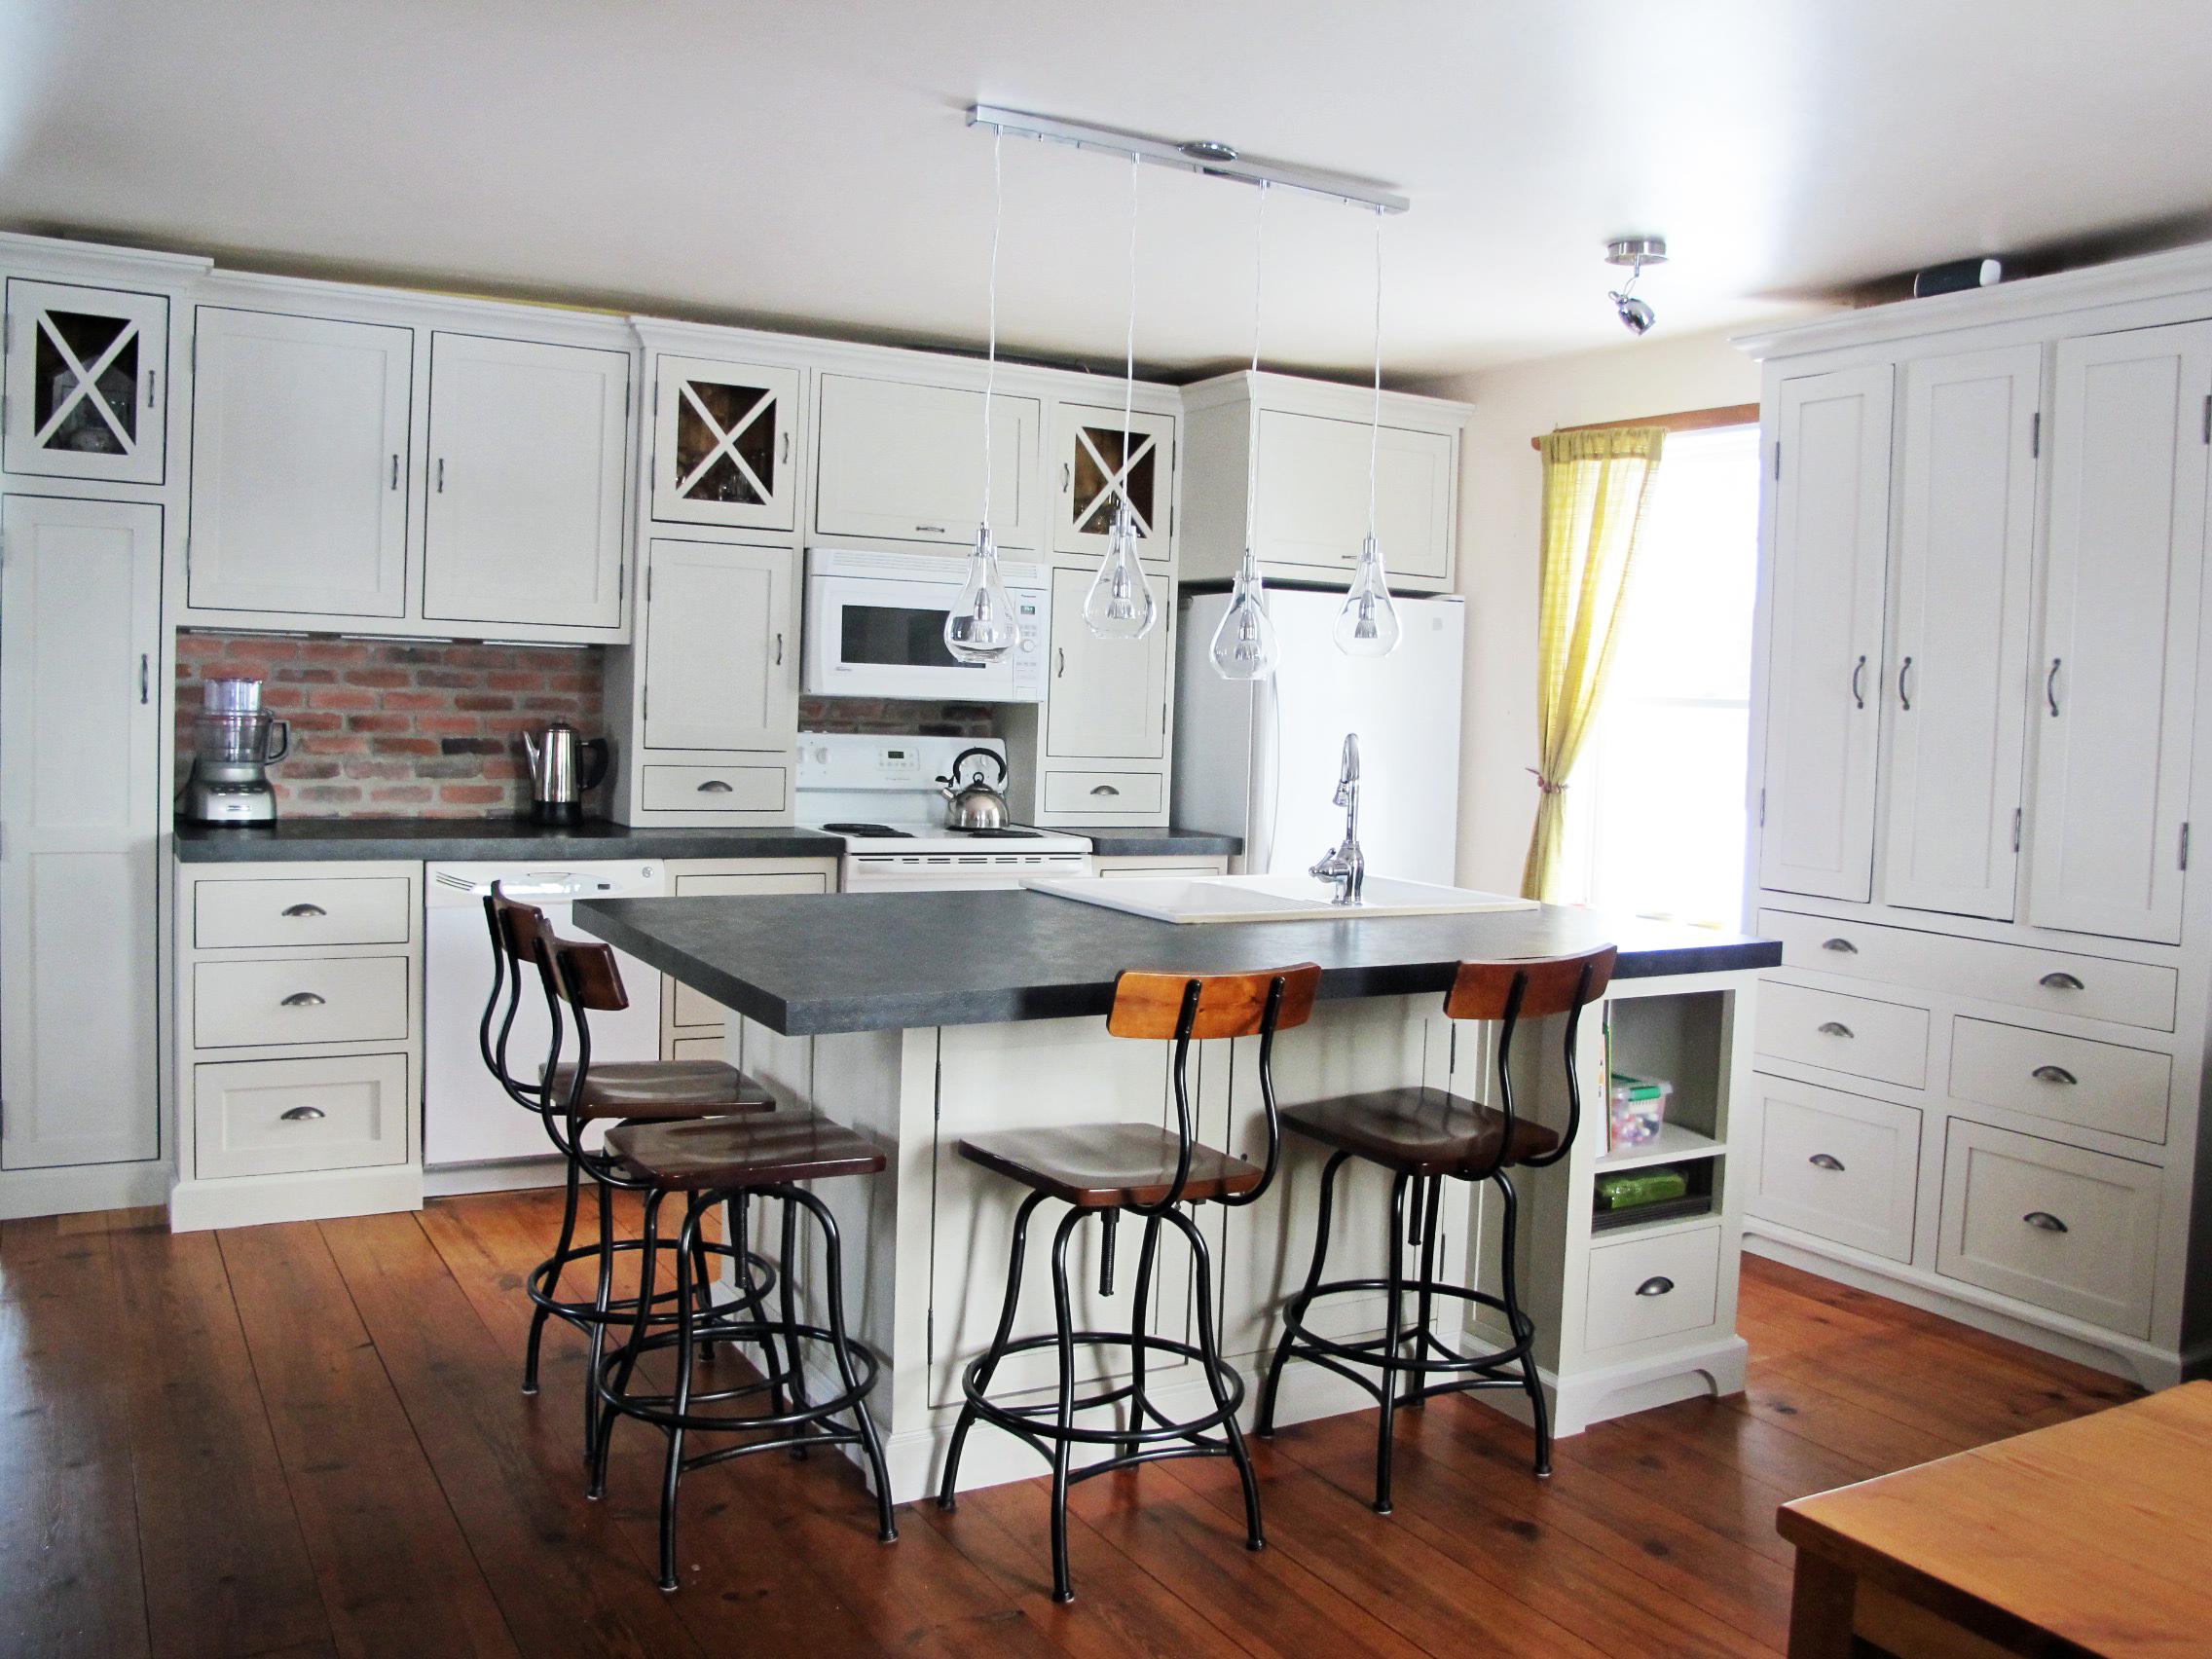 Restauration r paration de meubles et d 39 armoires de cuisine en bois l - Peinture d armoire de cuisine ...